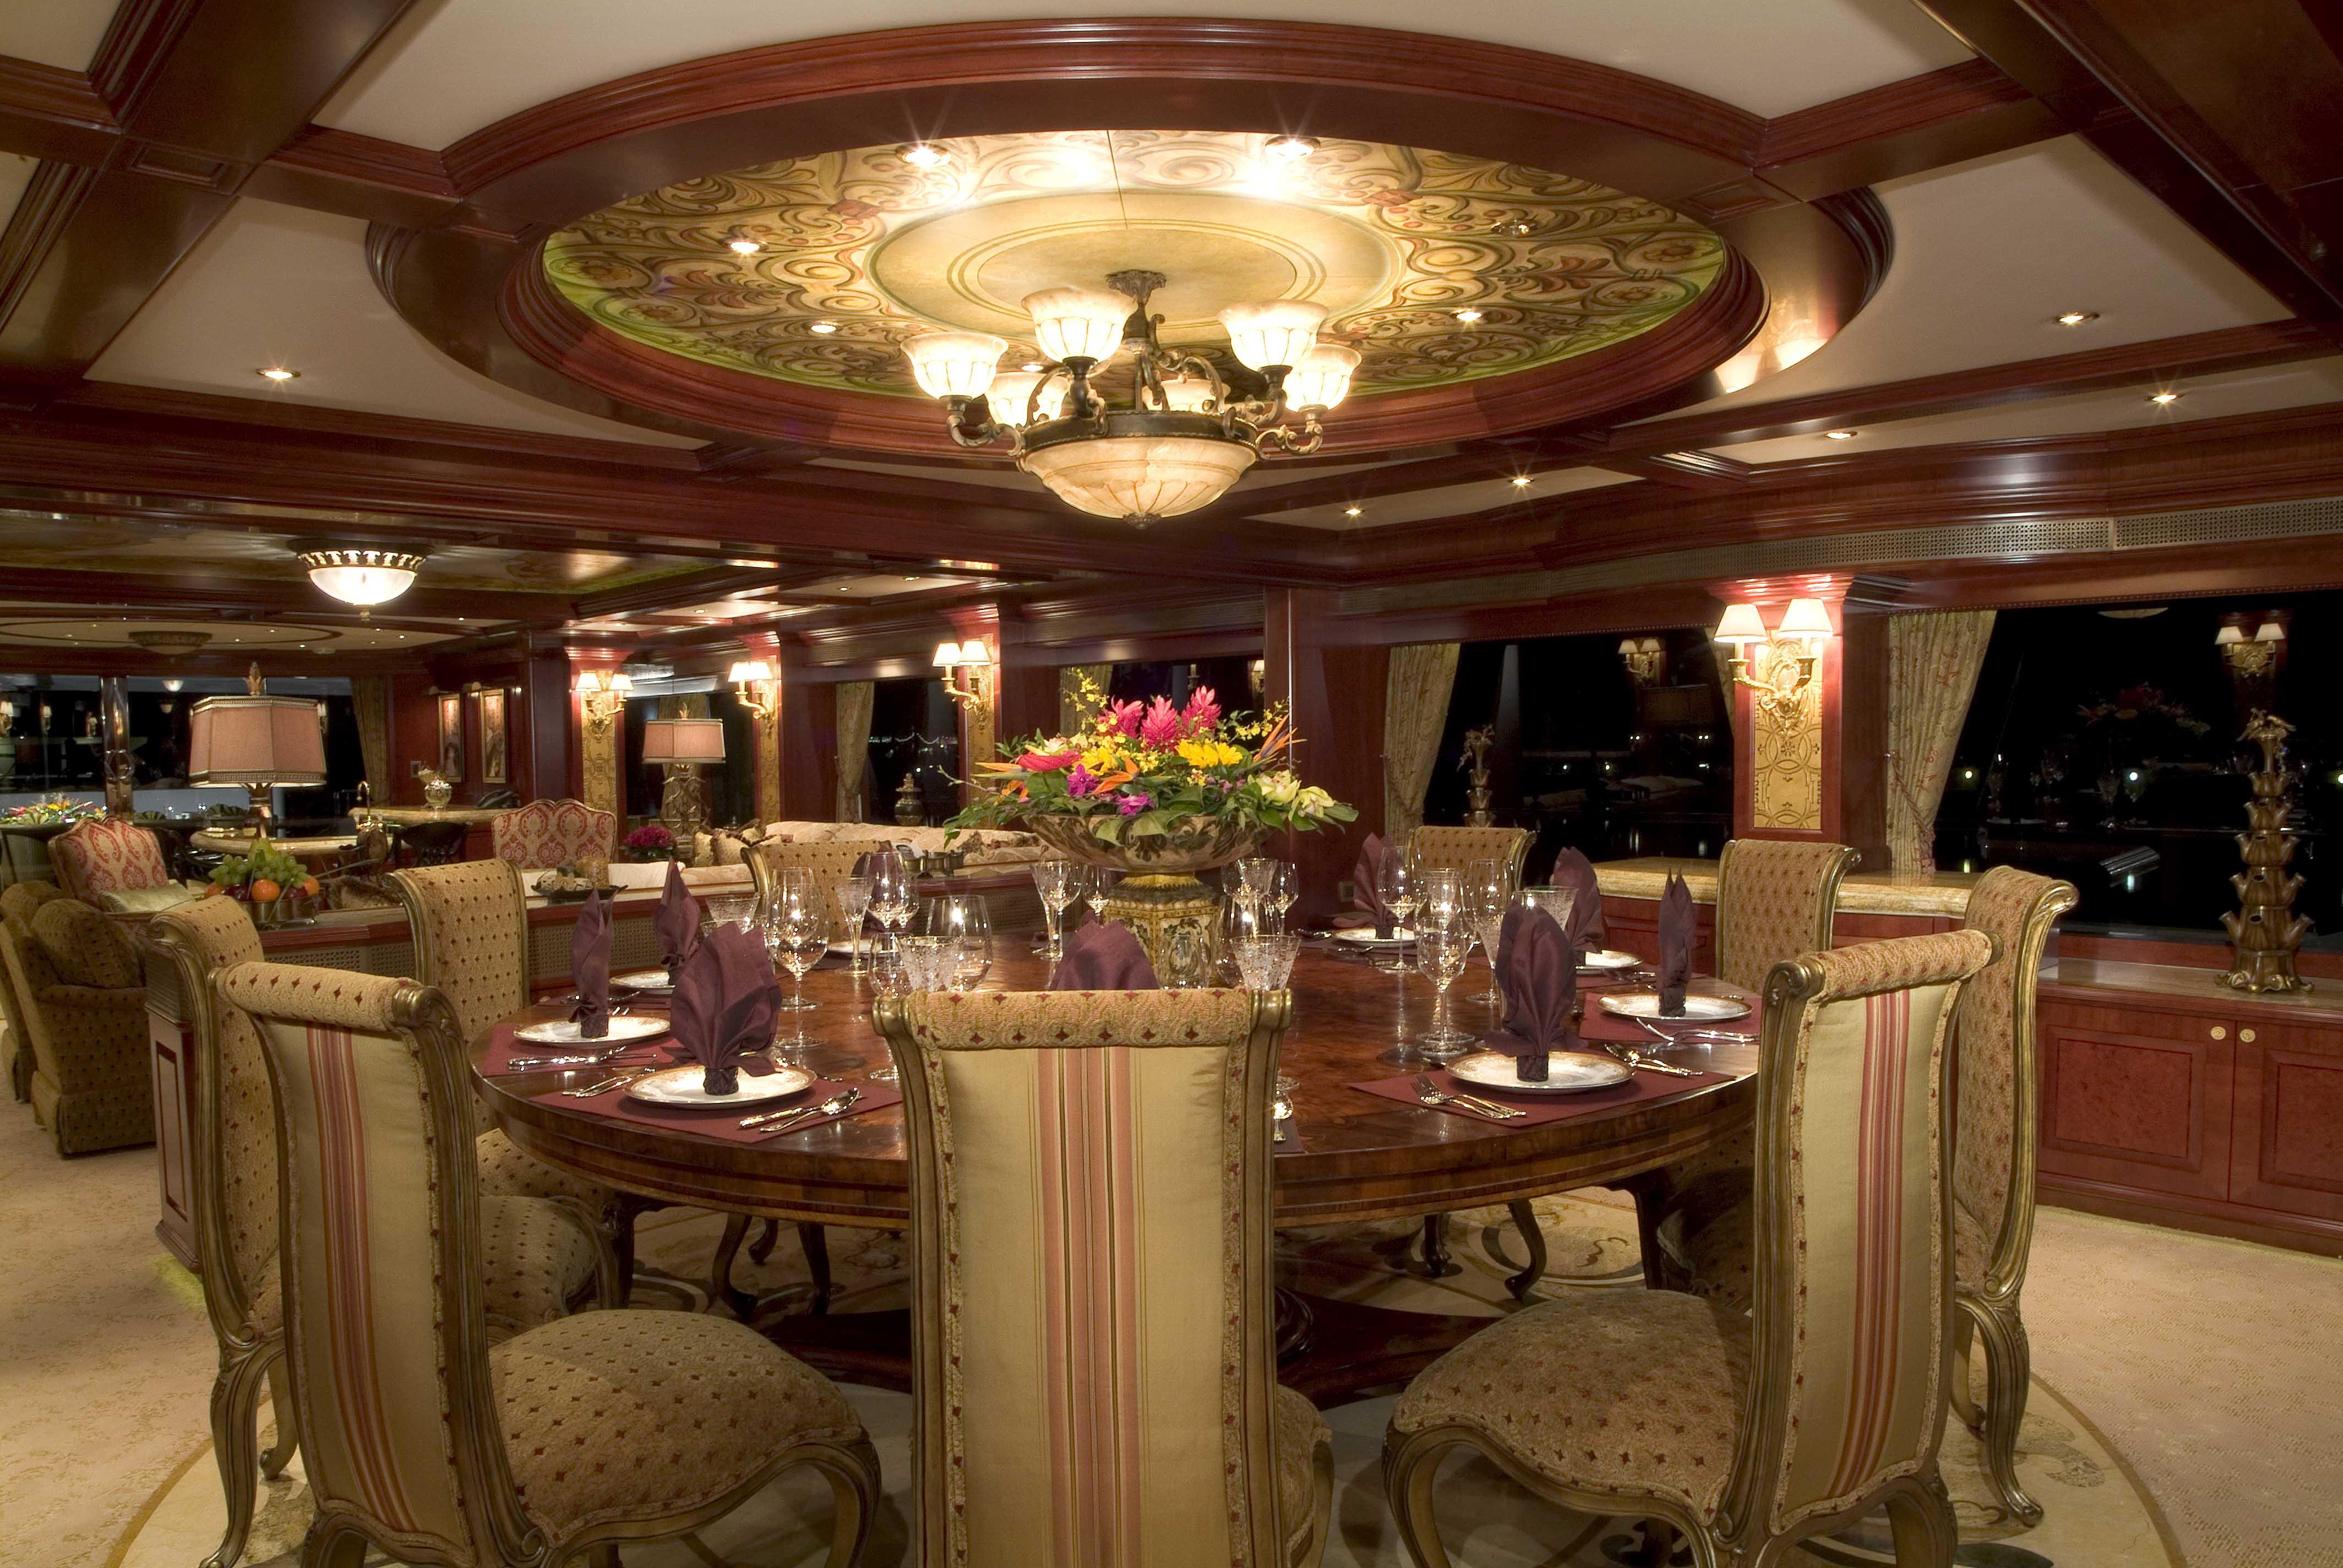 Formal dining room sets for sale